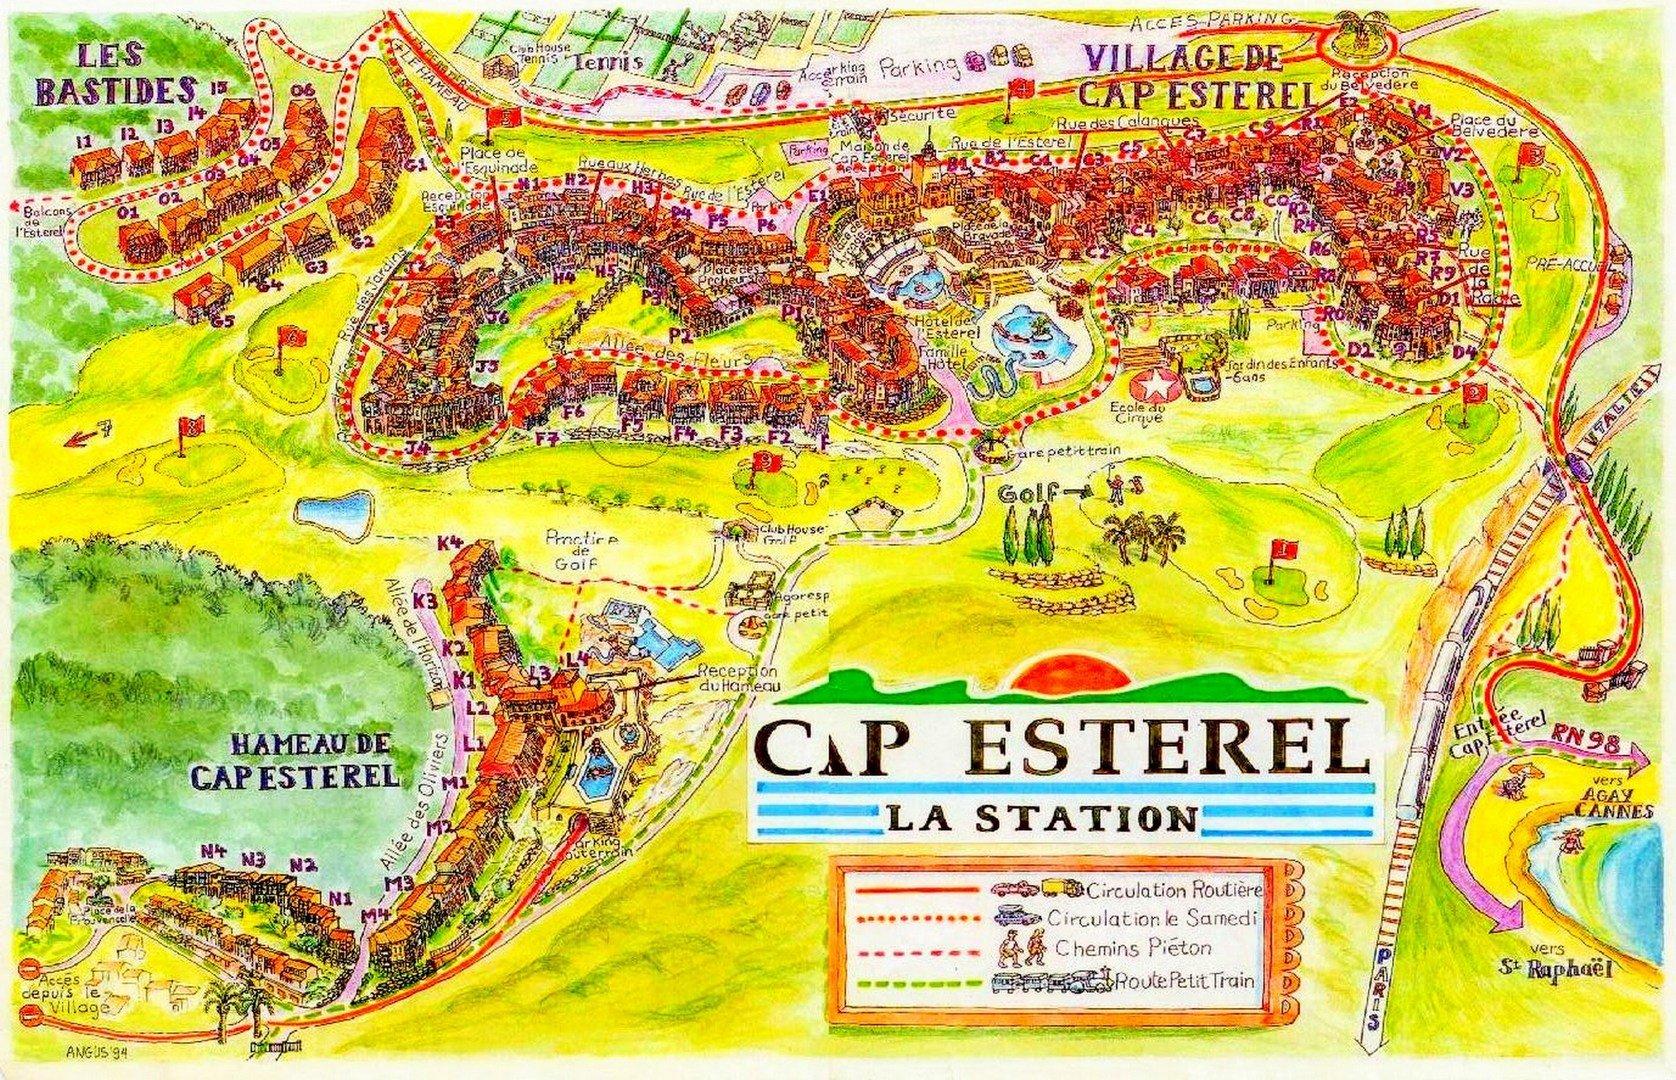 AGAY CAP ESTEREL STUDIO DERNIER ETAGE